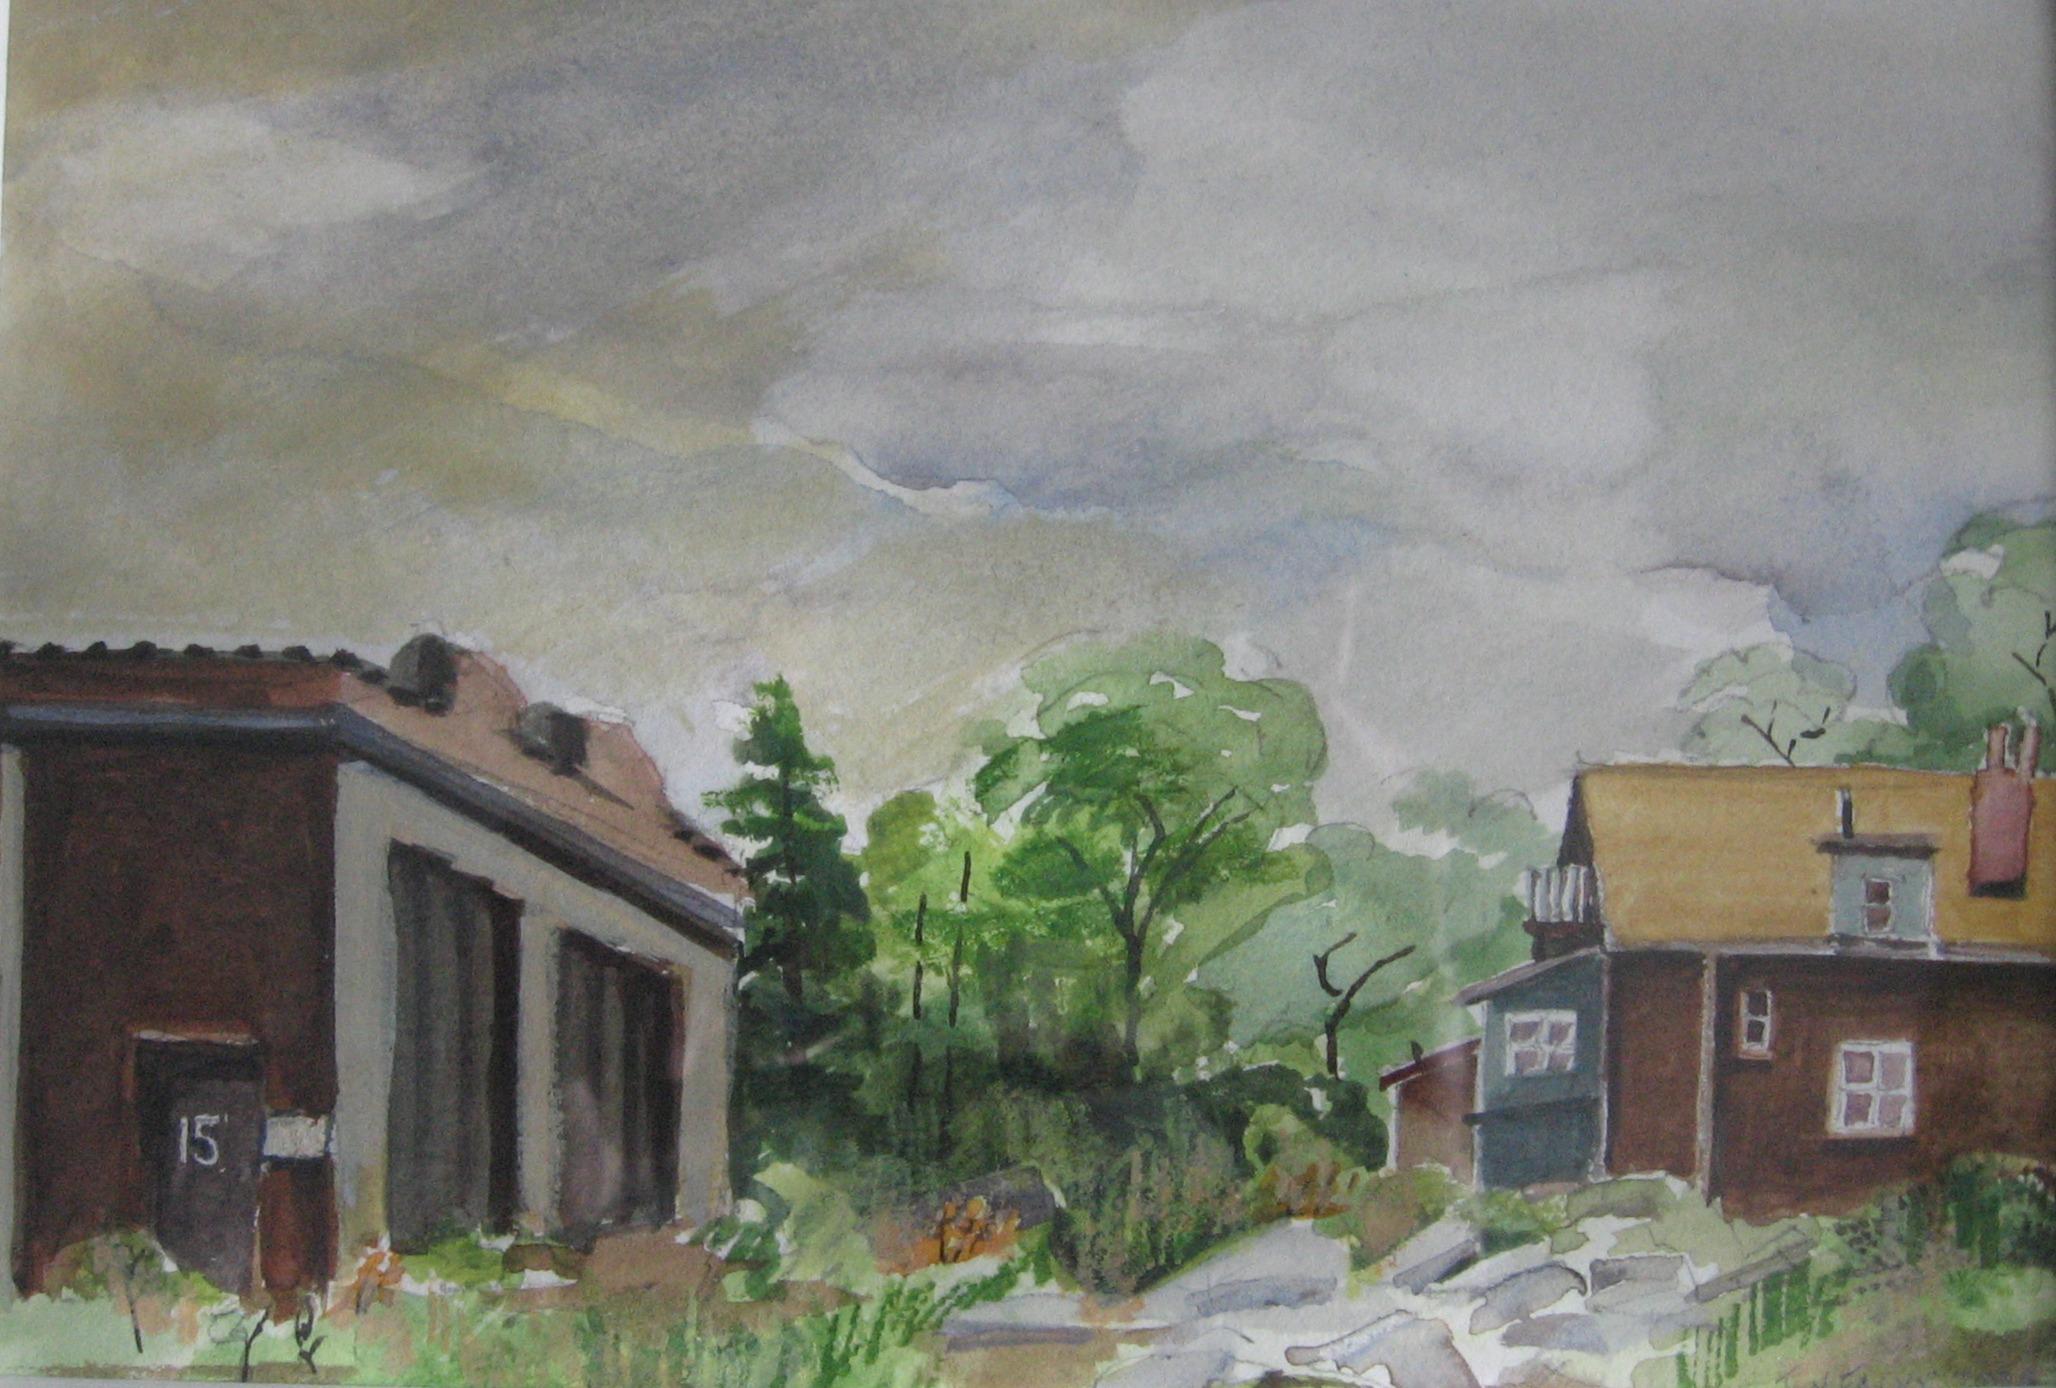 Wichwood Barns